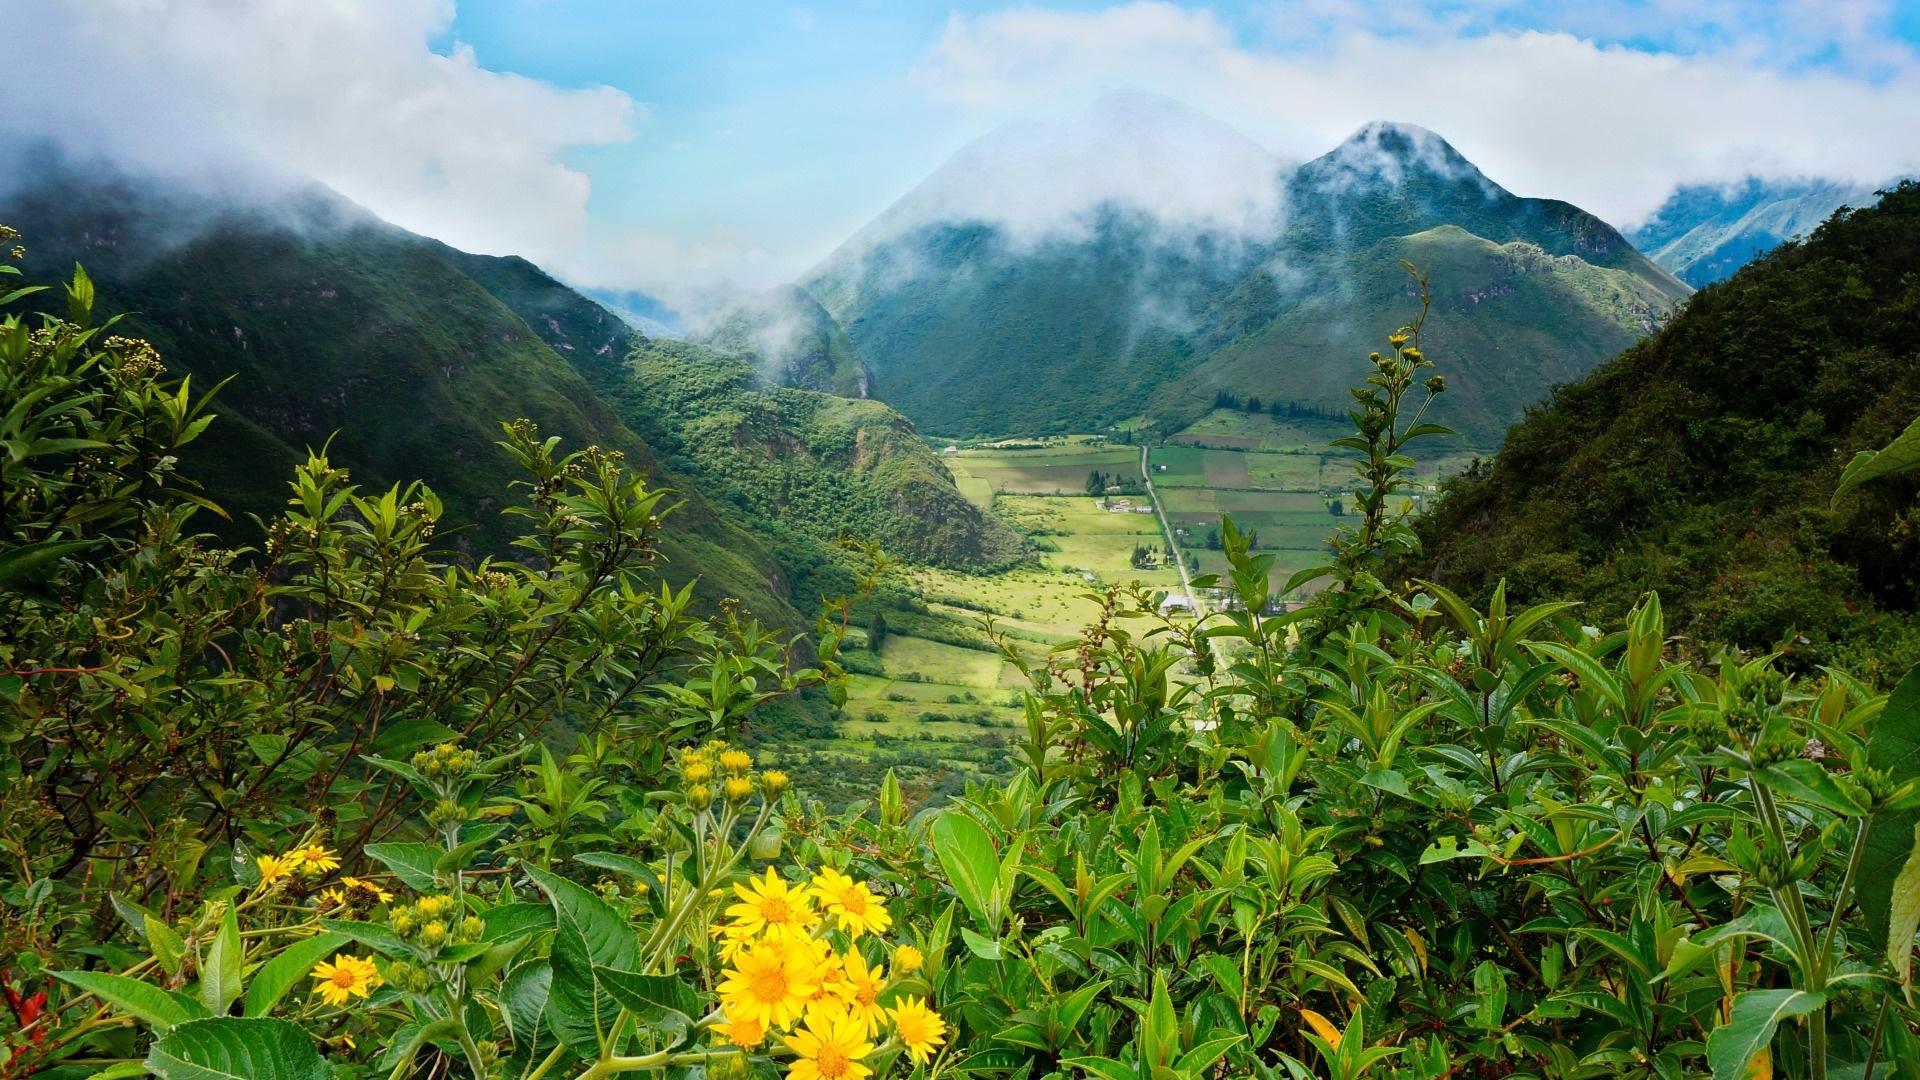 Ecuador Nature HD Wallpaper